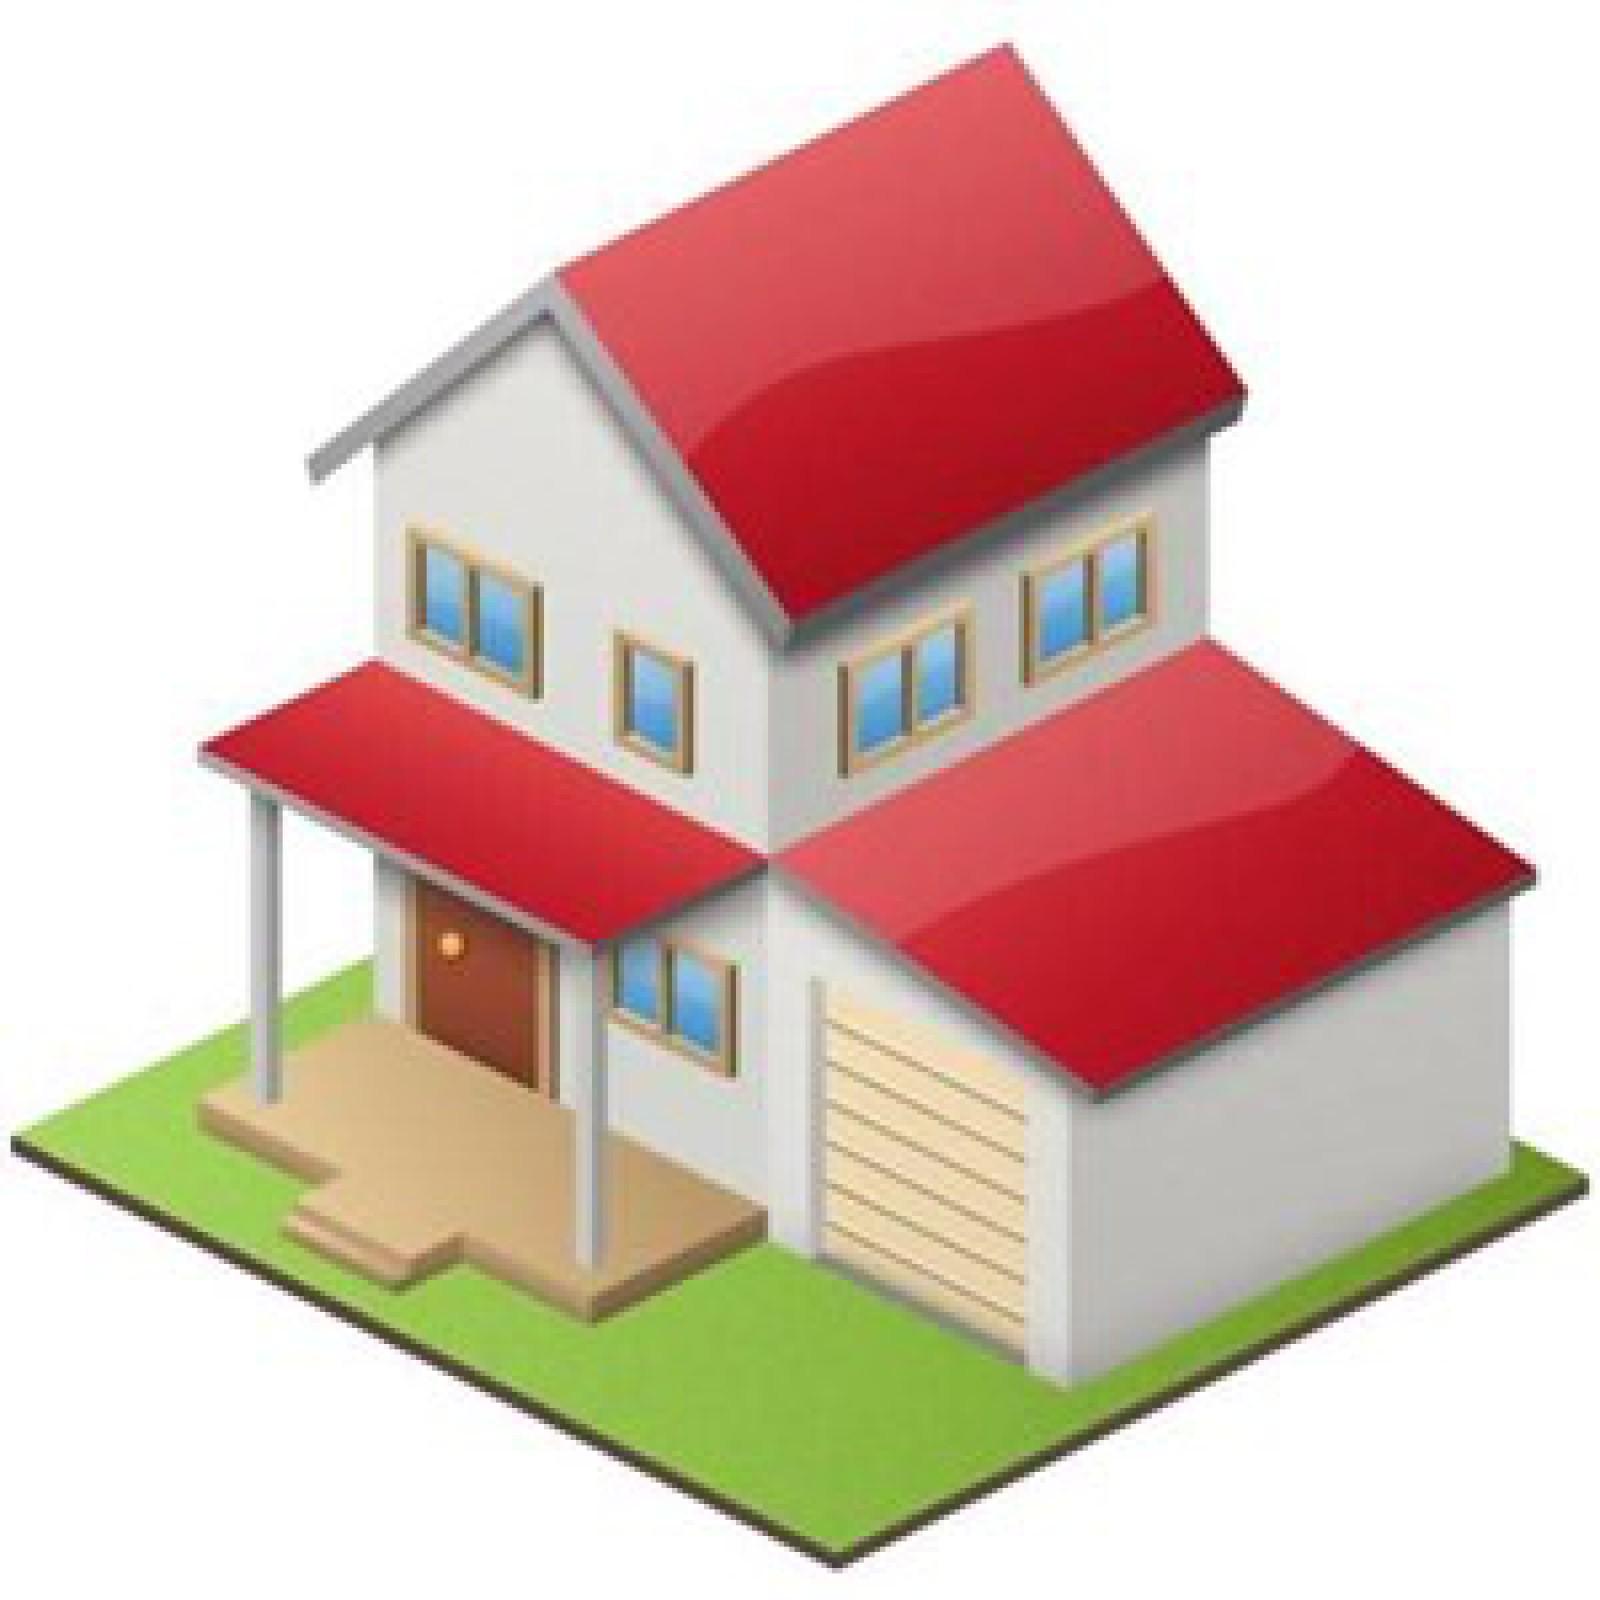 Il diritto di rimborso delle spese di casa da un coniuge nei confronti dell'altro durante la convivenza matrimoniale